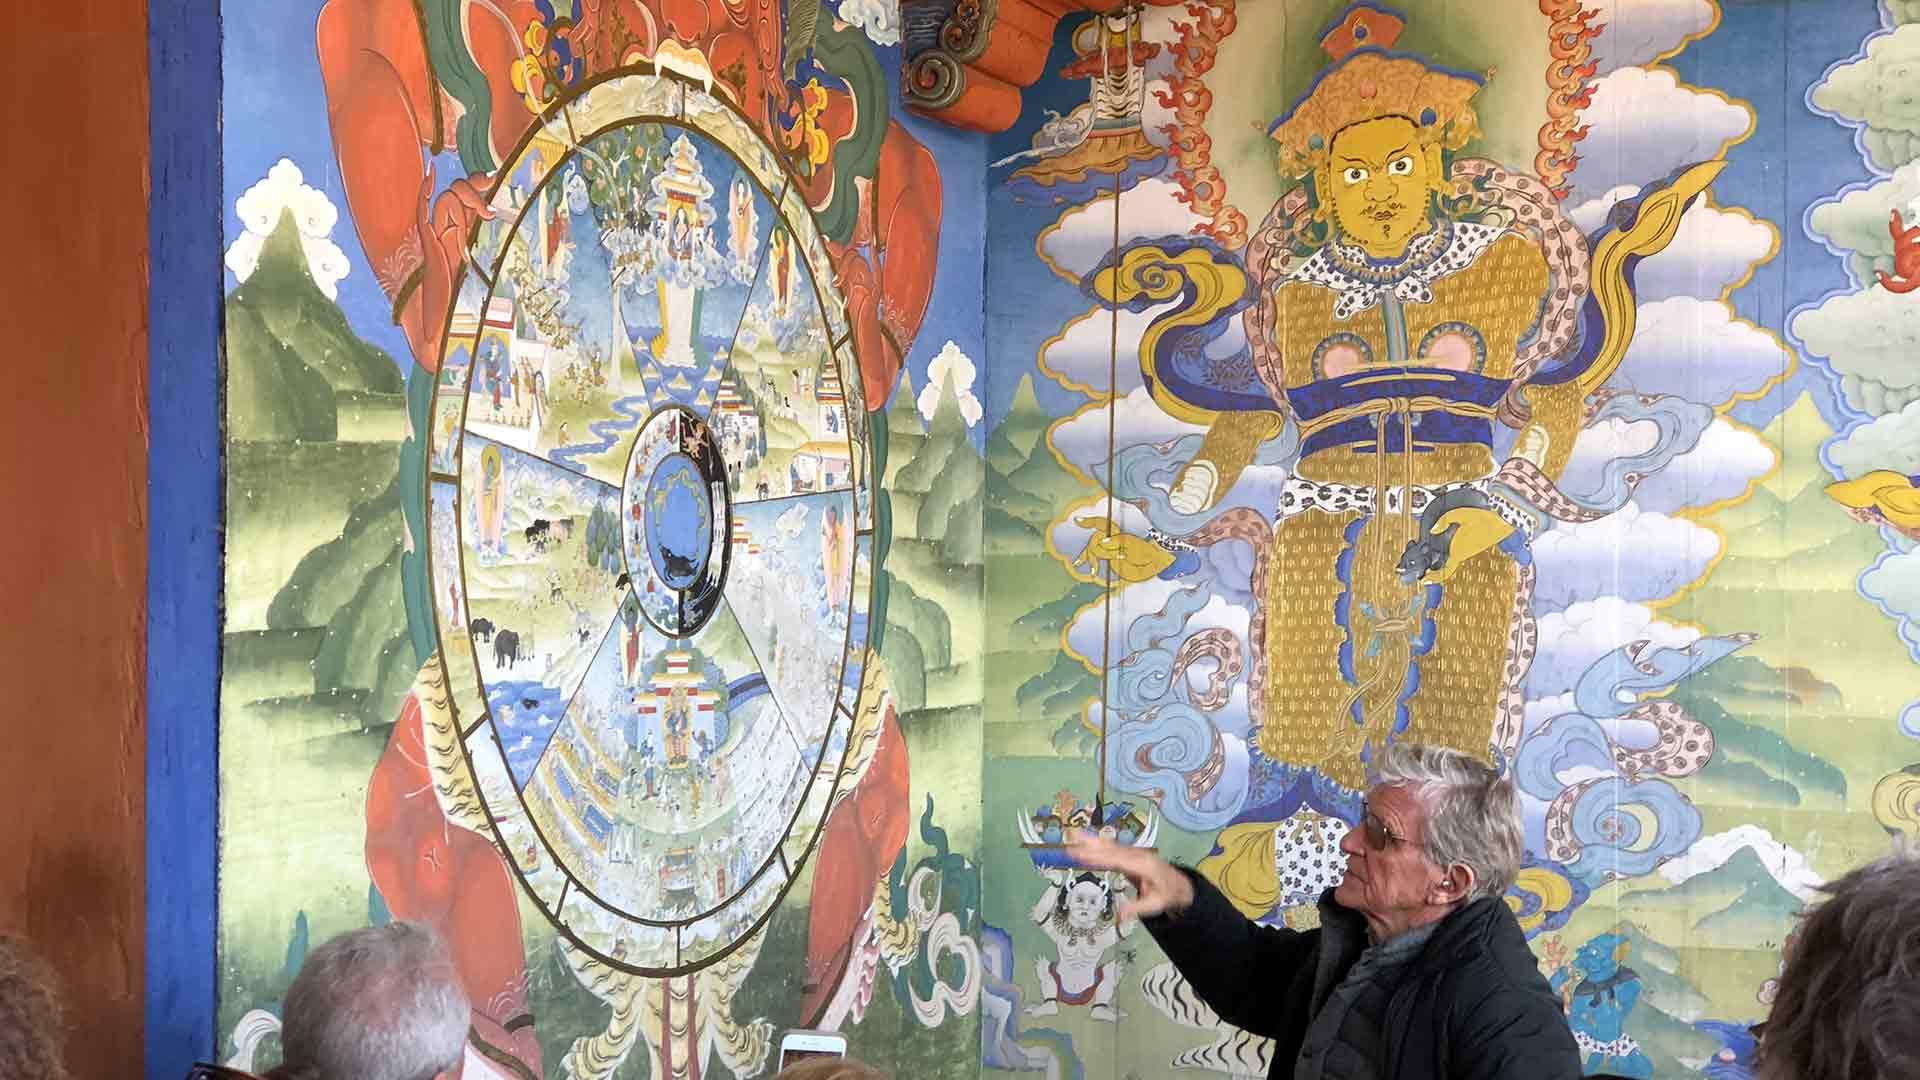 Dr. Robert Thurman describing a tapestry in Bhutan